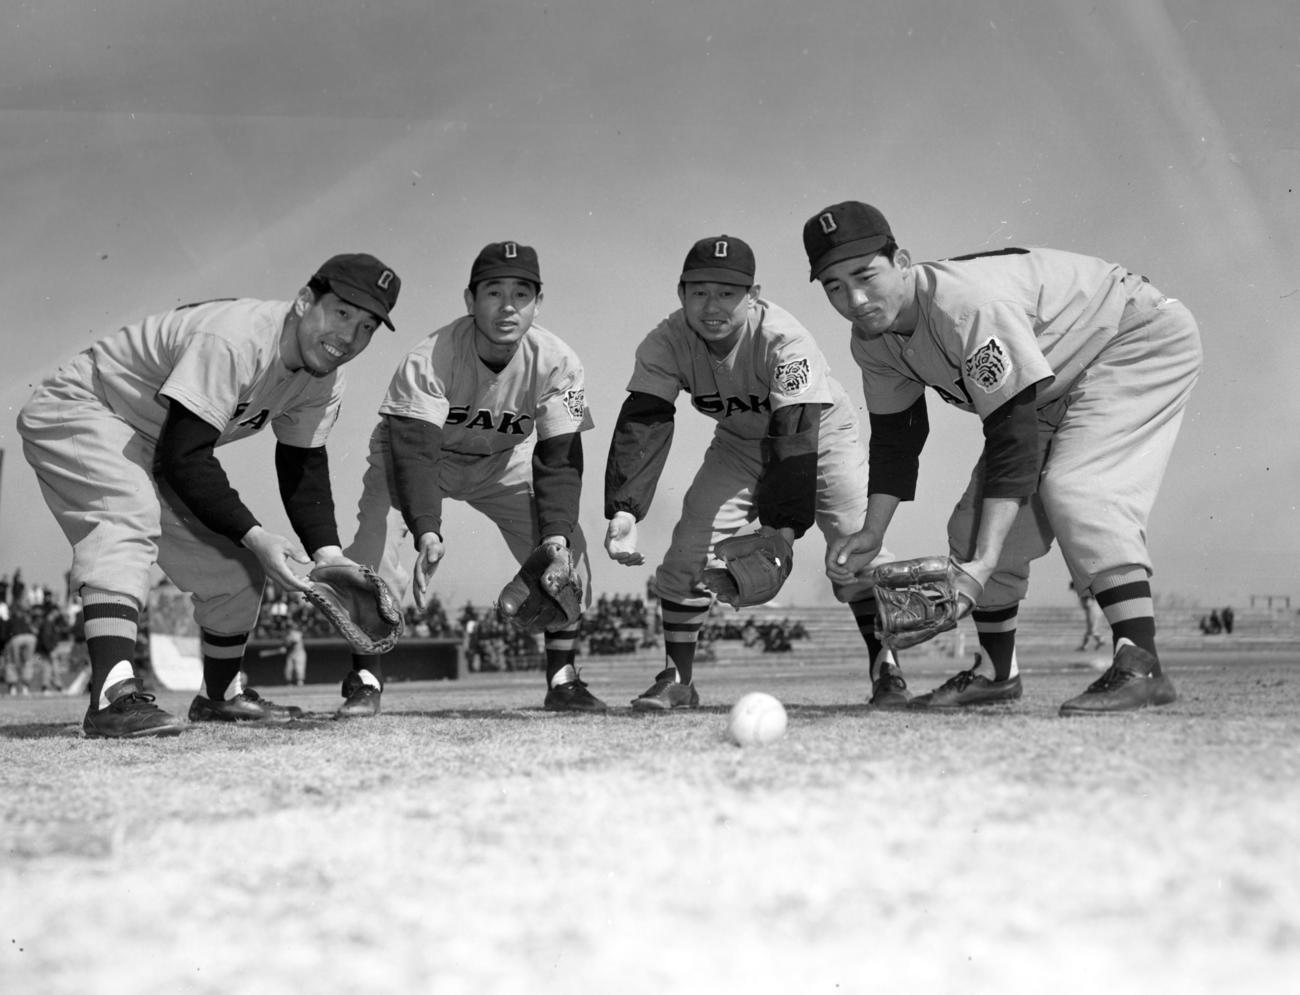 左から渡辺博之一塁手、白坂長栄二塁手、吉田義男遊撃手、三宅秀史三塁手(1957年2月16日撮影)